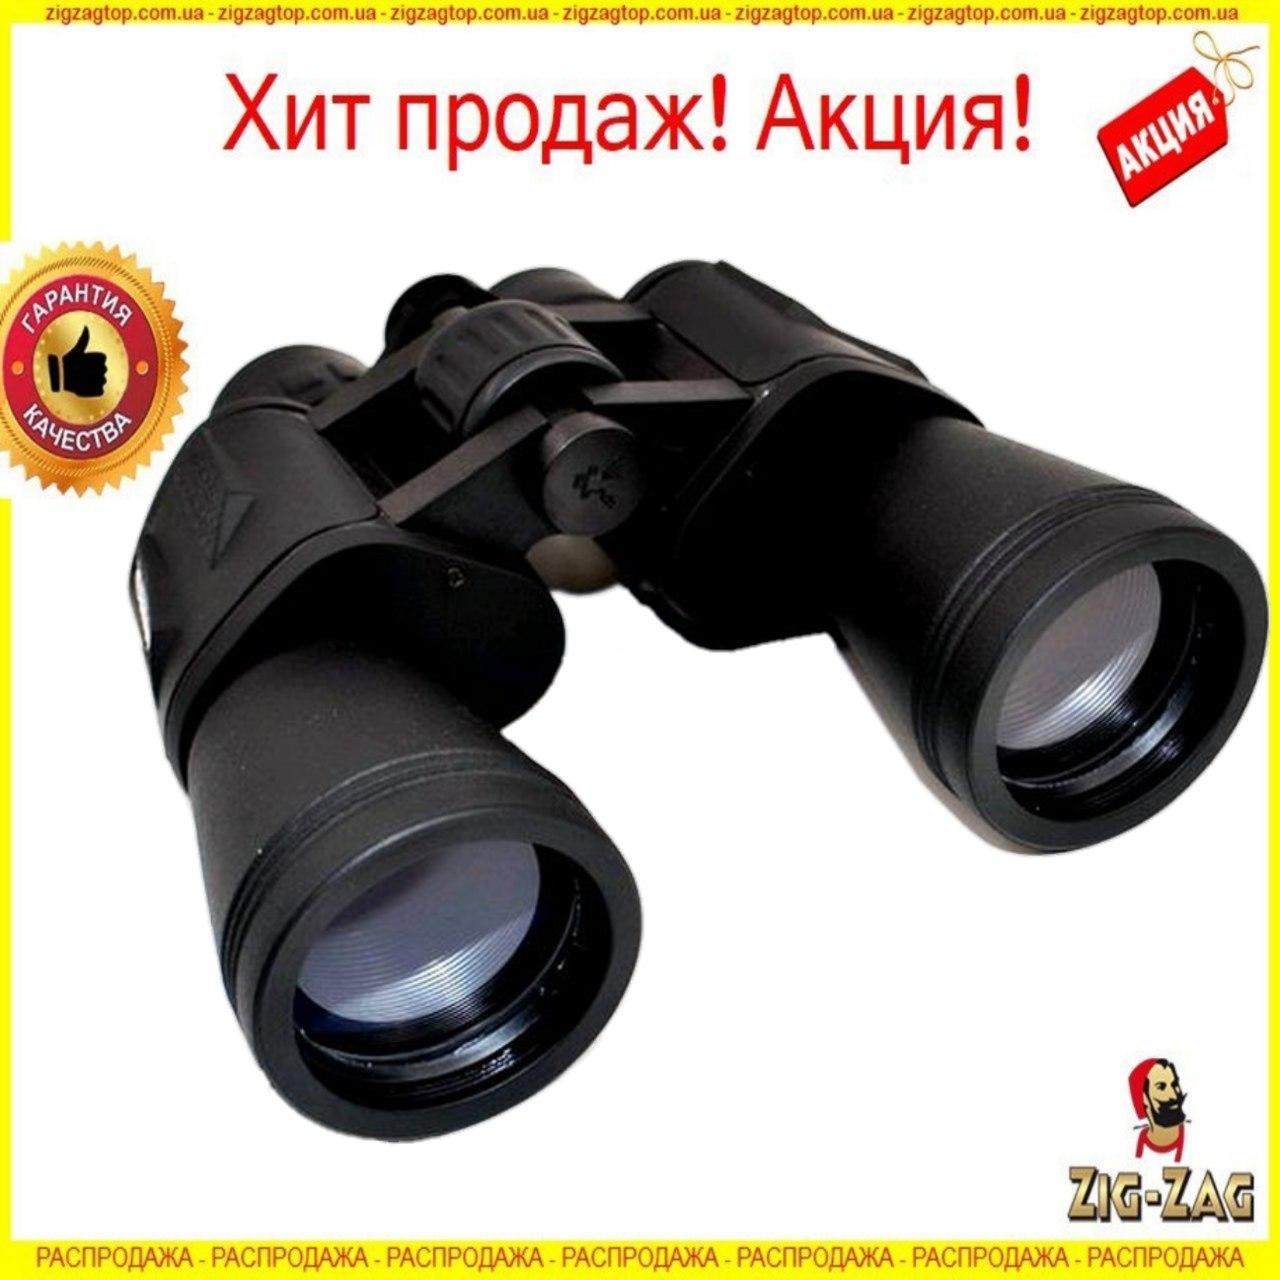 ПОТУЖНИЙ Бінокль High Quality 20*50 (56m/1000m) Туристичний, Військовий для Полювання, риболовлі Бинокуляр Монокуляр